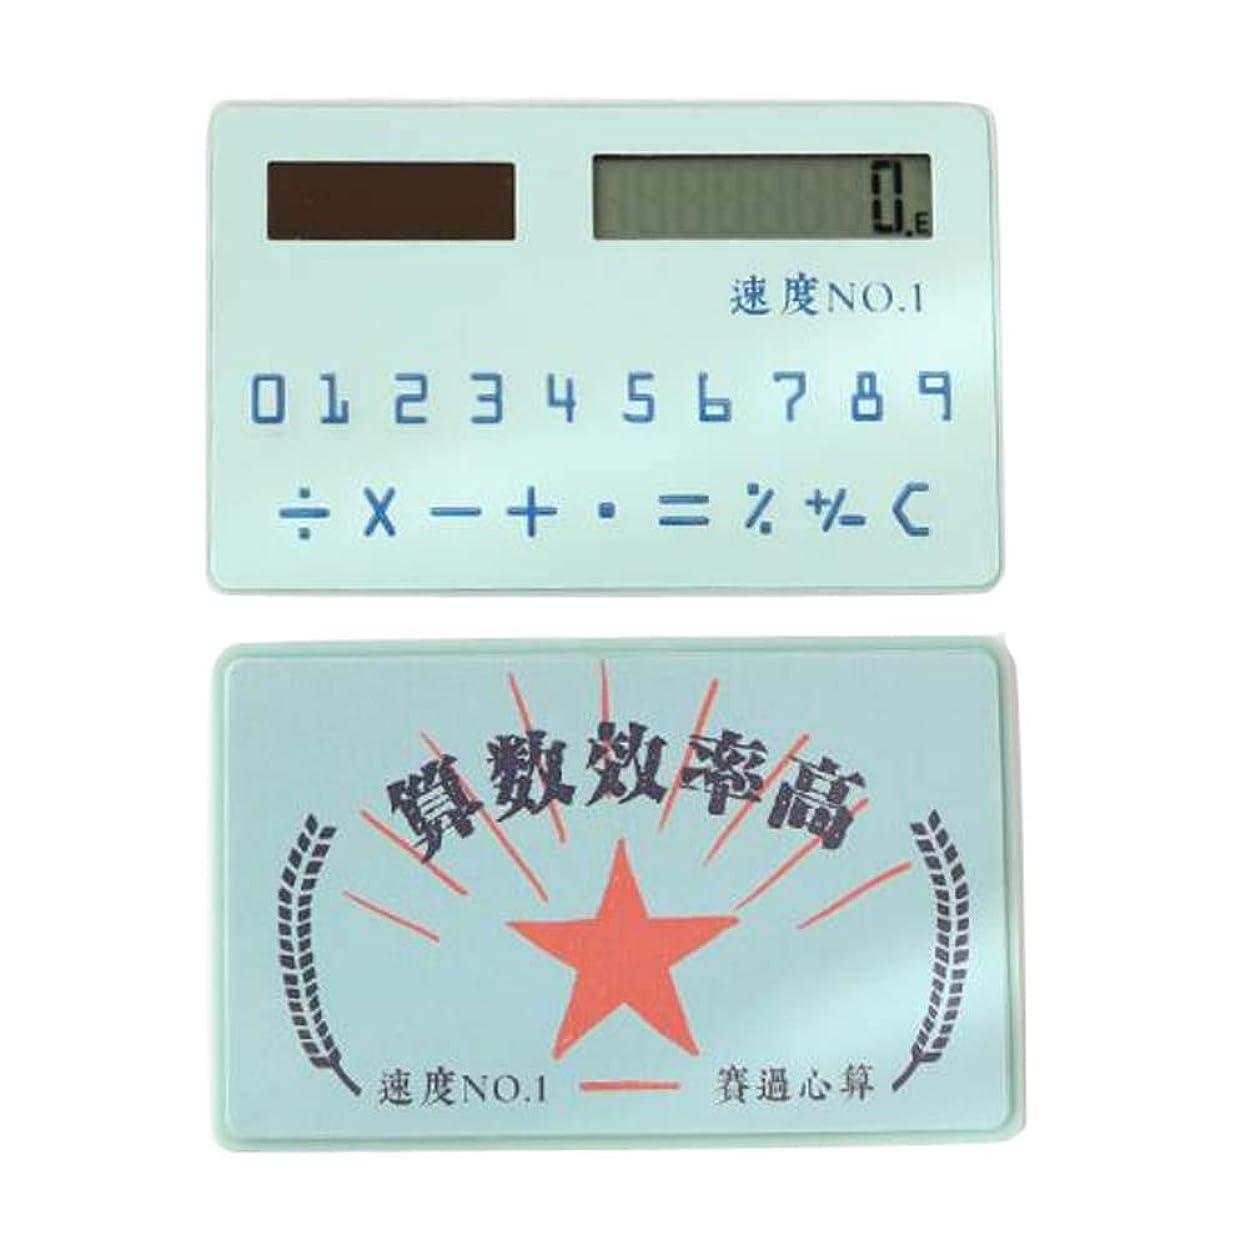 リマお母さんシソーラス学生 キュート 電卓 超コンパクト ポータブルサイズ ミニソーラー電卓 A08